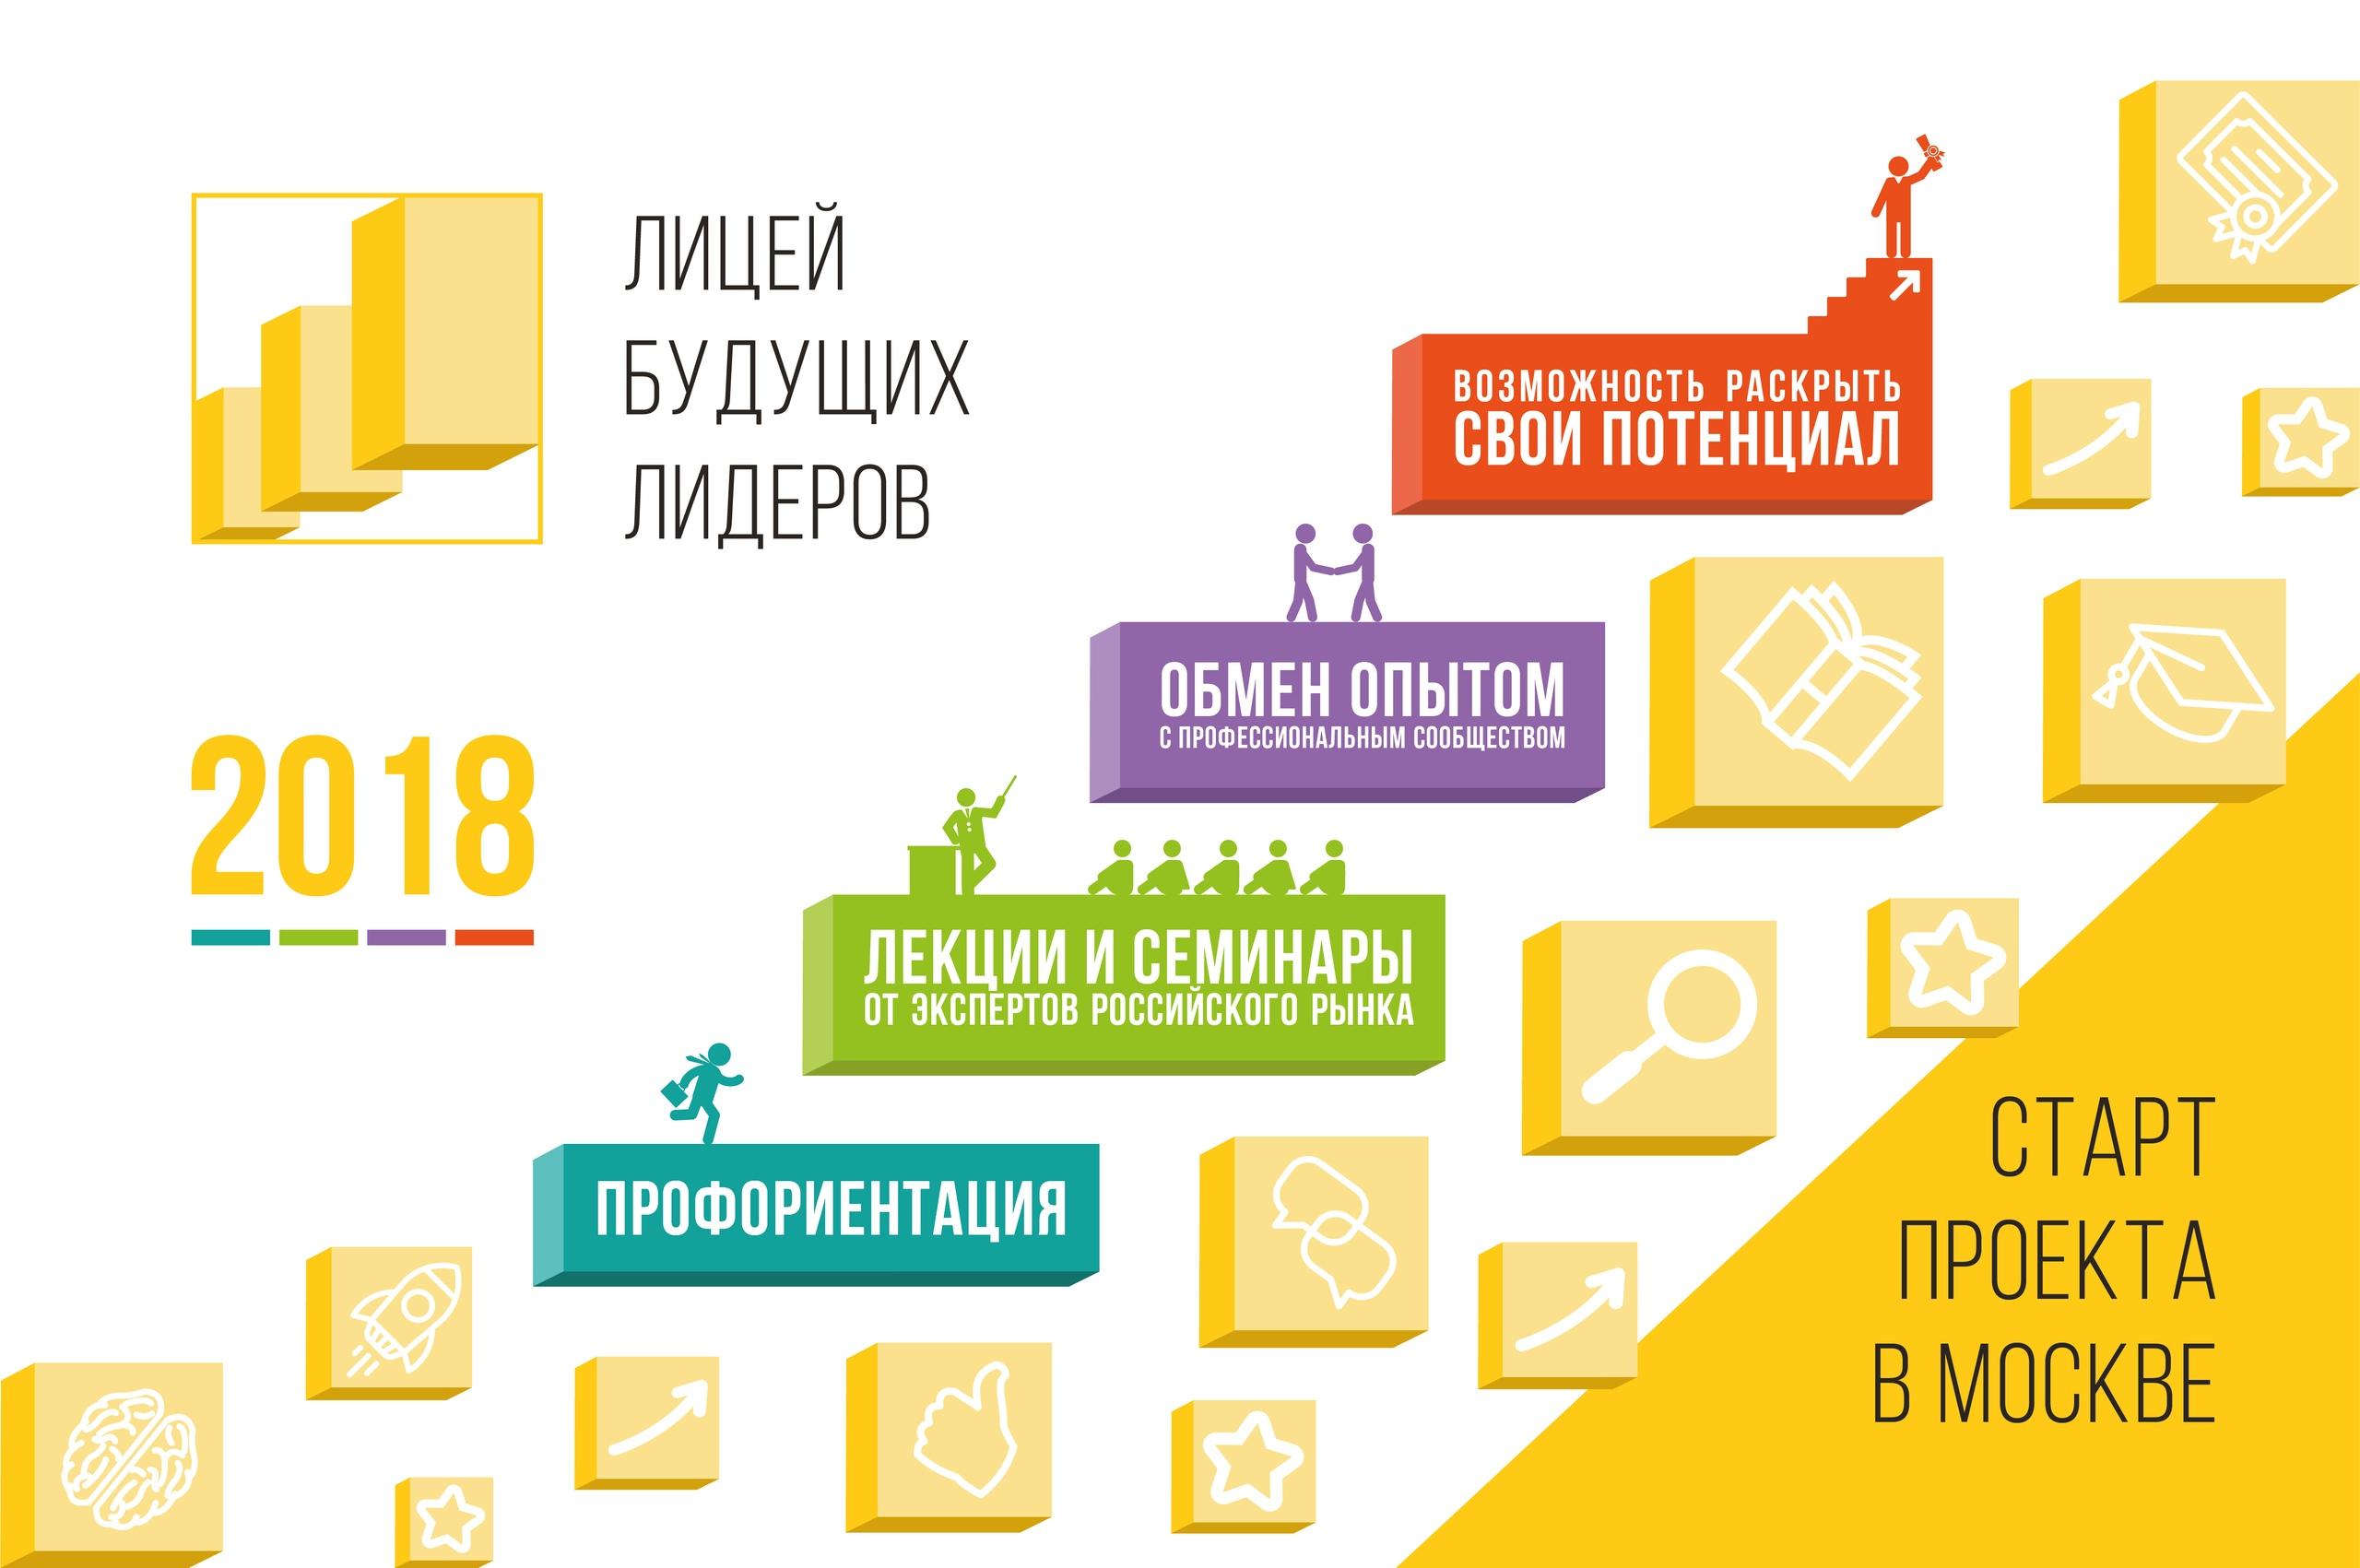 Лицей будущих лидеров для старшеклассников Москвы